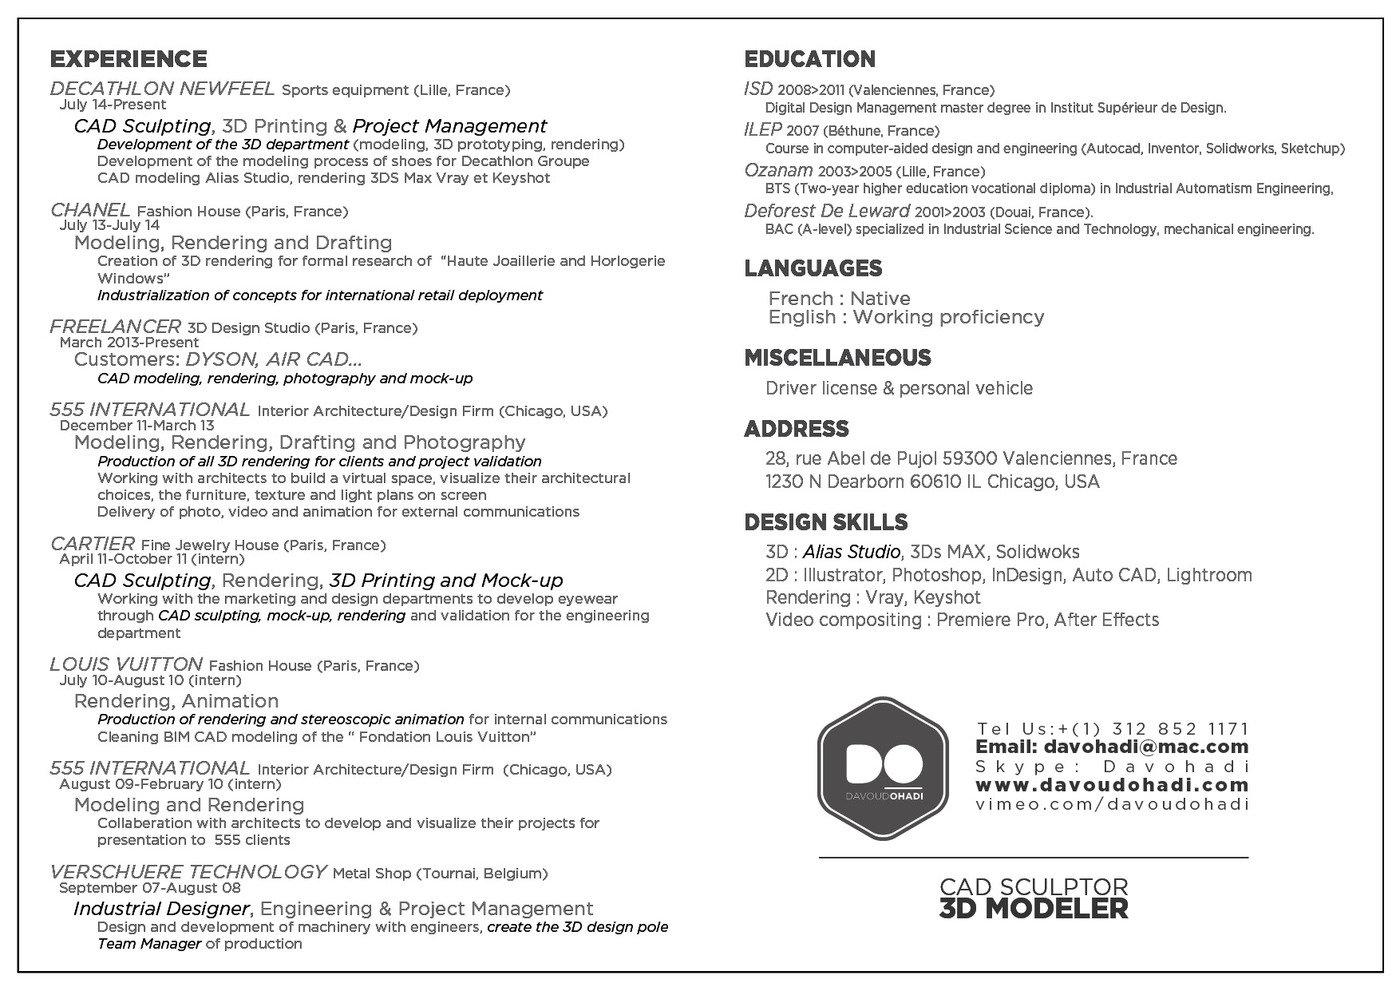 Institut Supérieur De Design Valenciennes porfolio davoud ohadidavoud ohadi at coroflot